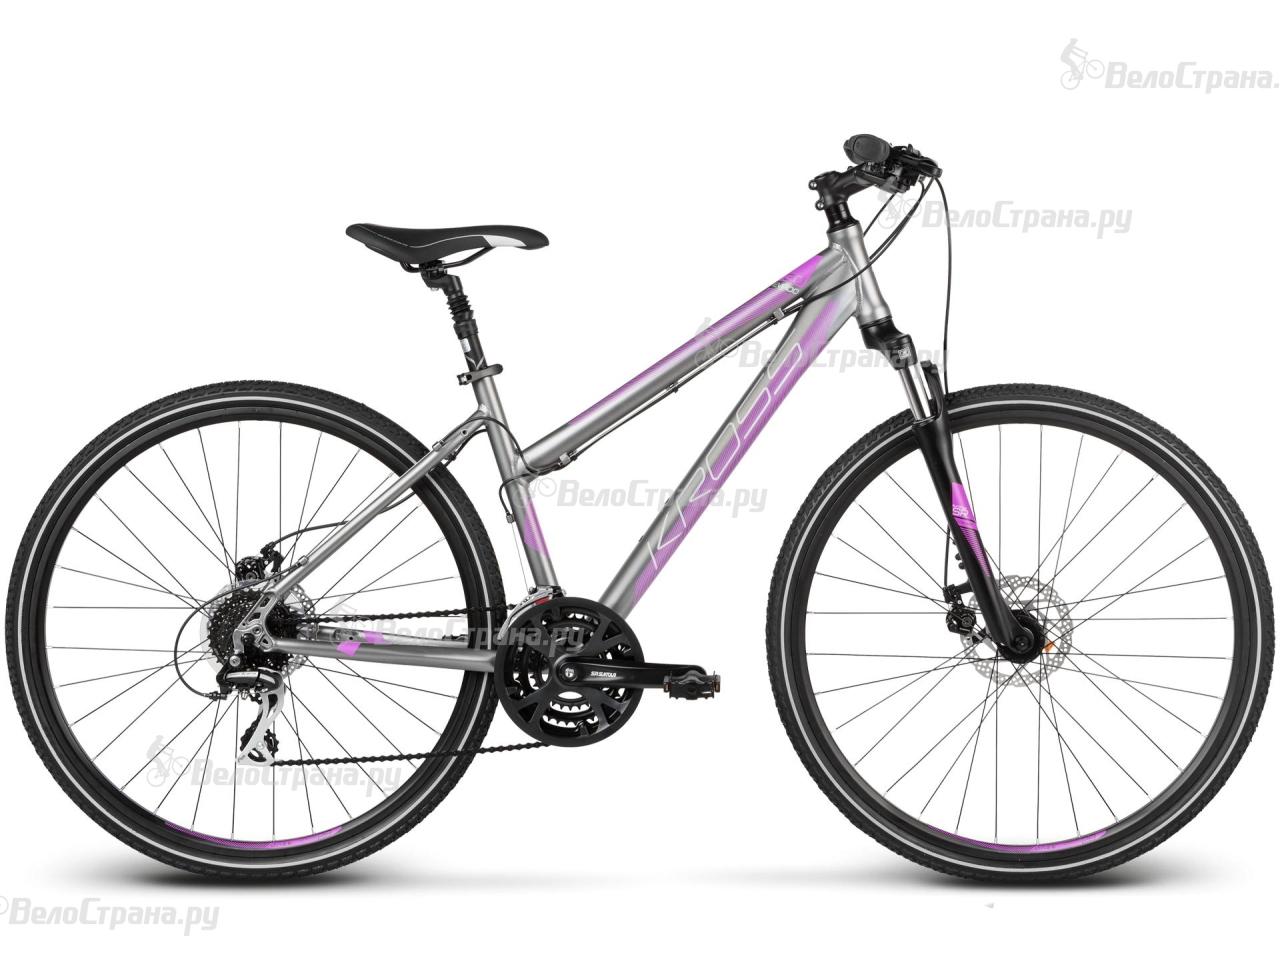 Велосипед Kross Evado 3.0 Lady (2017) носки kross prs tall размер xl черный t4cod000275xlbk